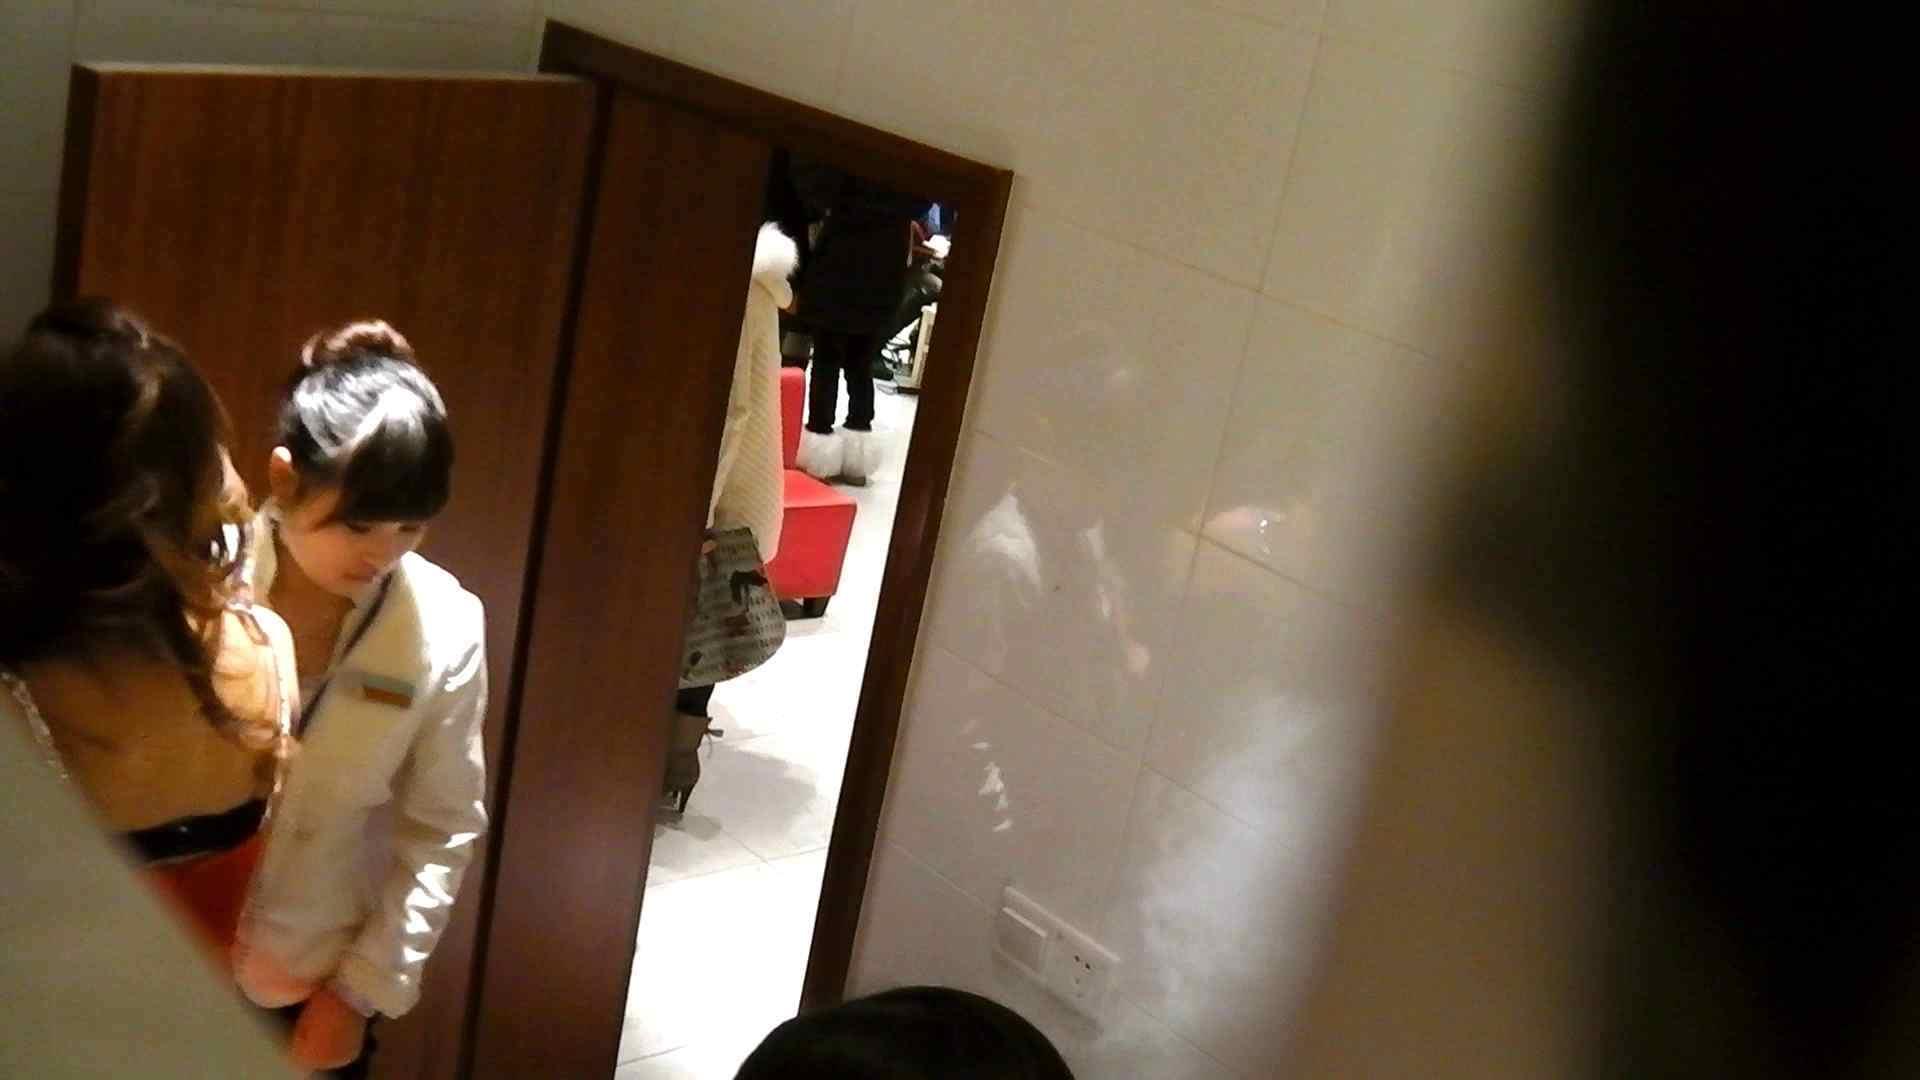 洗寿観音さんの 化粧室は四面楚歌Nol.6 洗面所  93pic 31